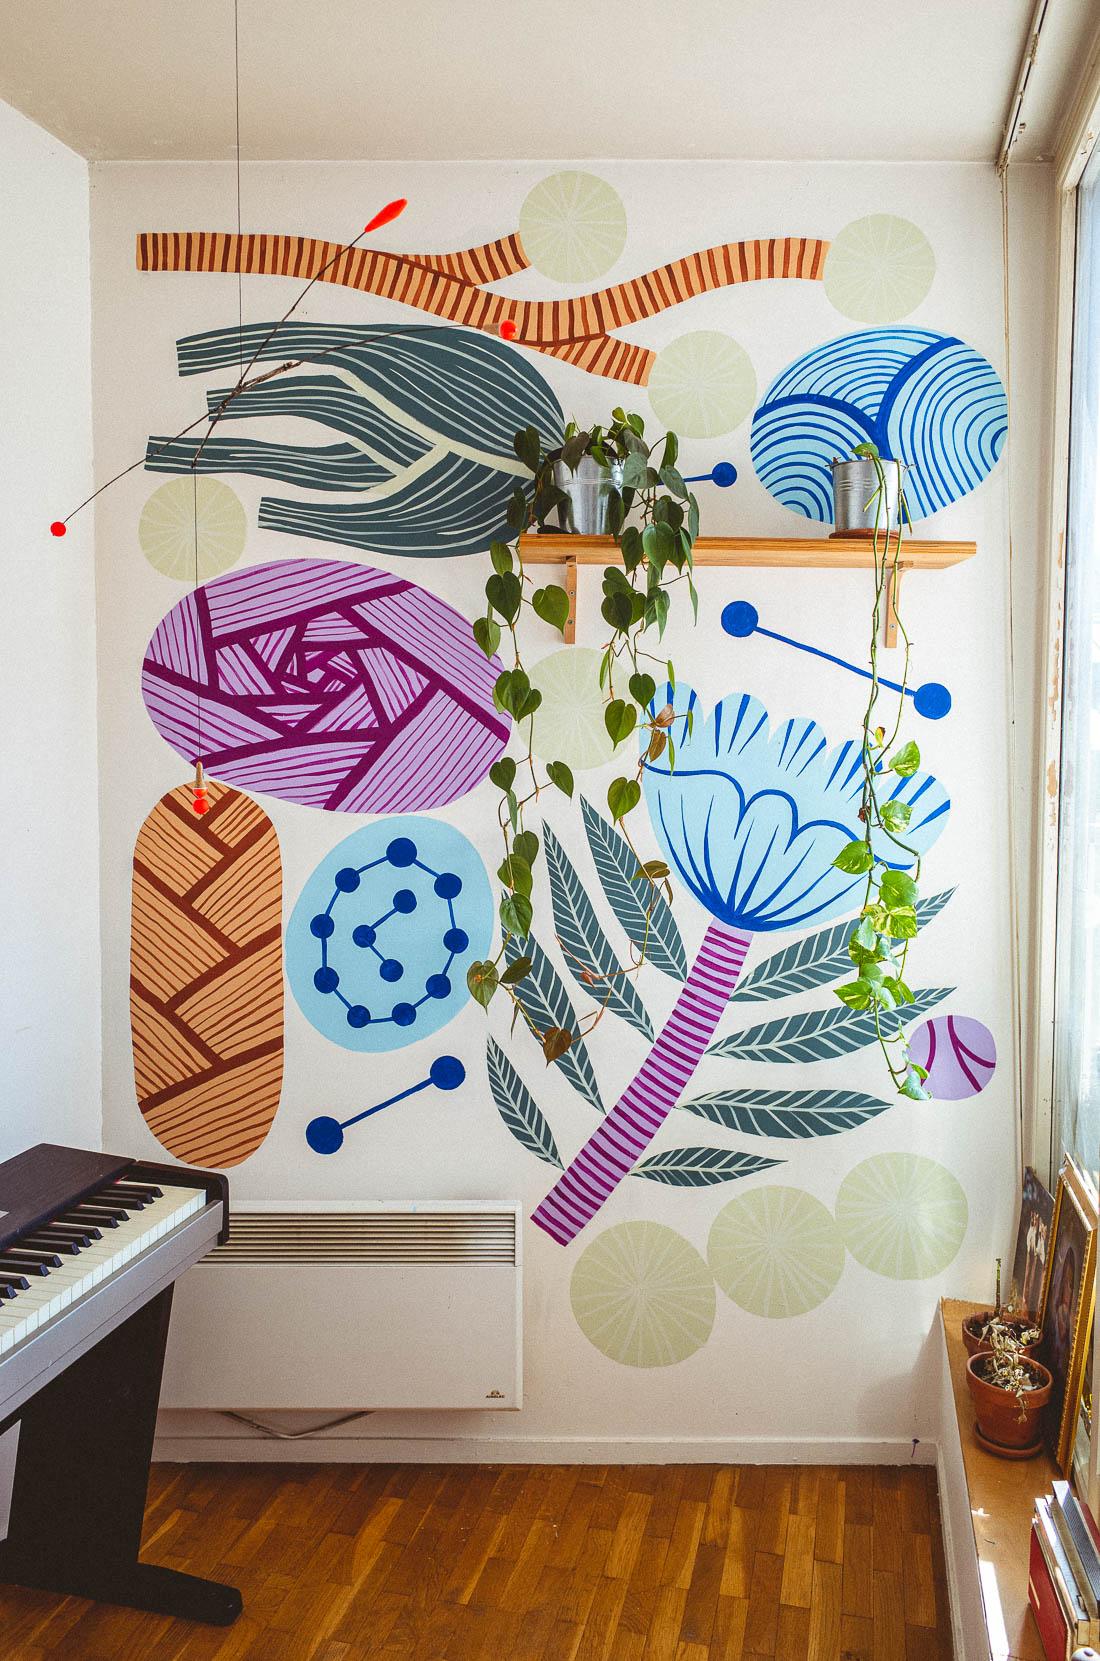 Fresque réalisée à Paris chez un particulier. Motifs de végétaux abstraits et colorés.